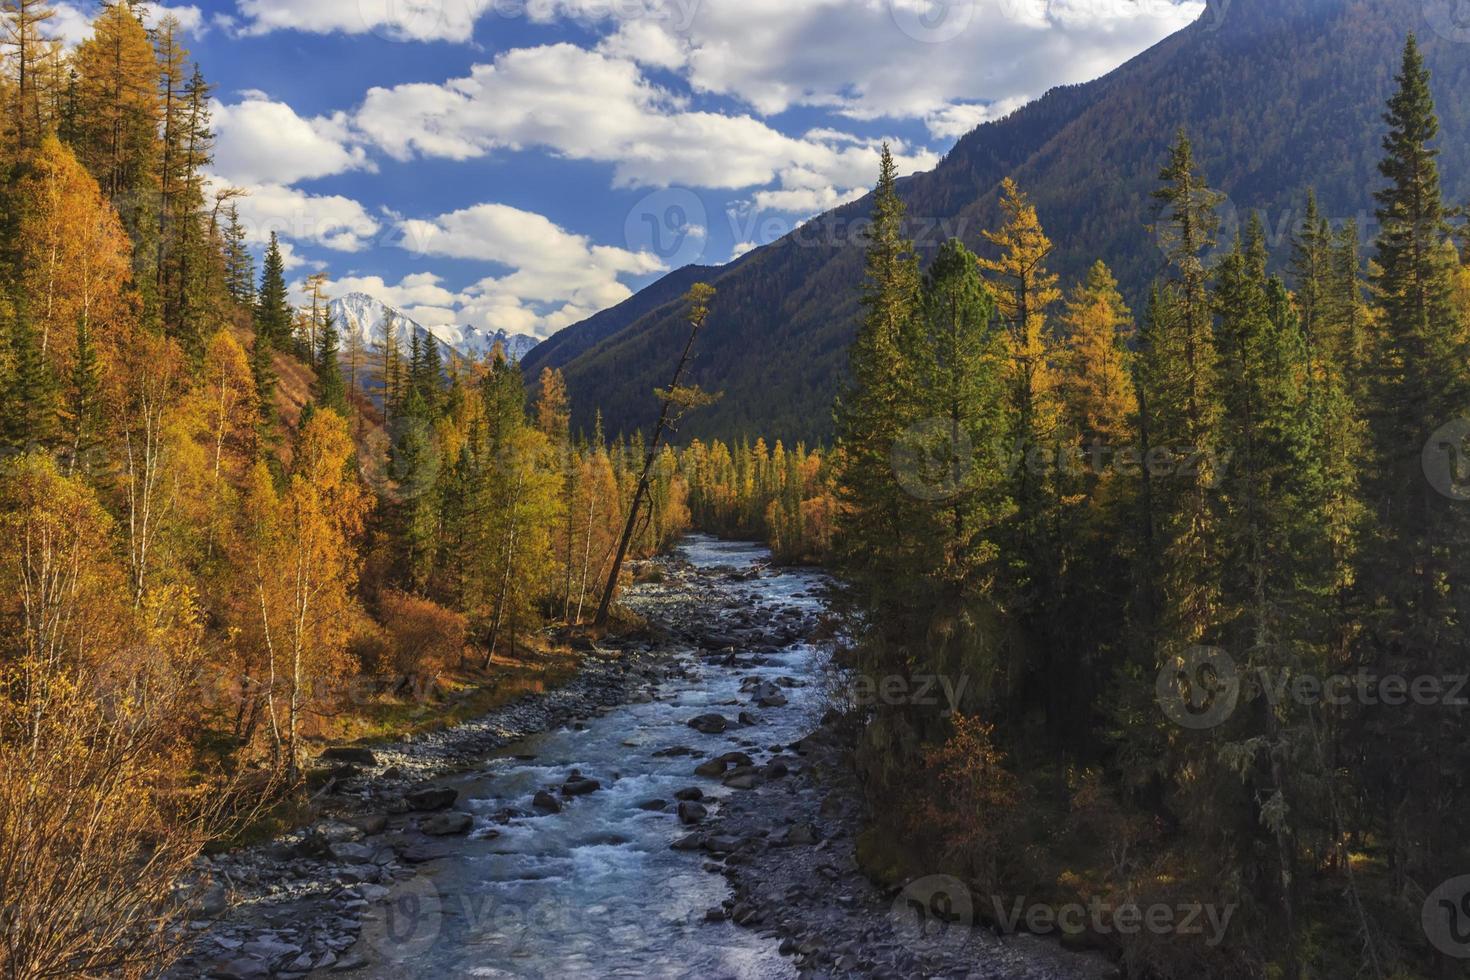 paisagem de outono com montanhas, rio e árvores amarelas. foto